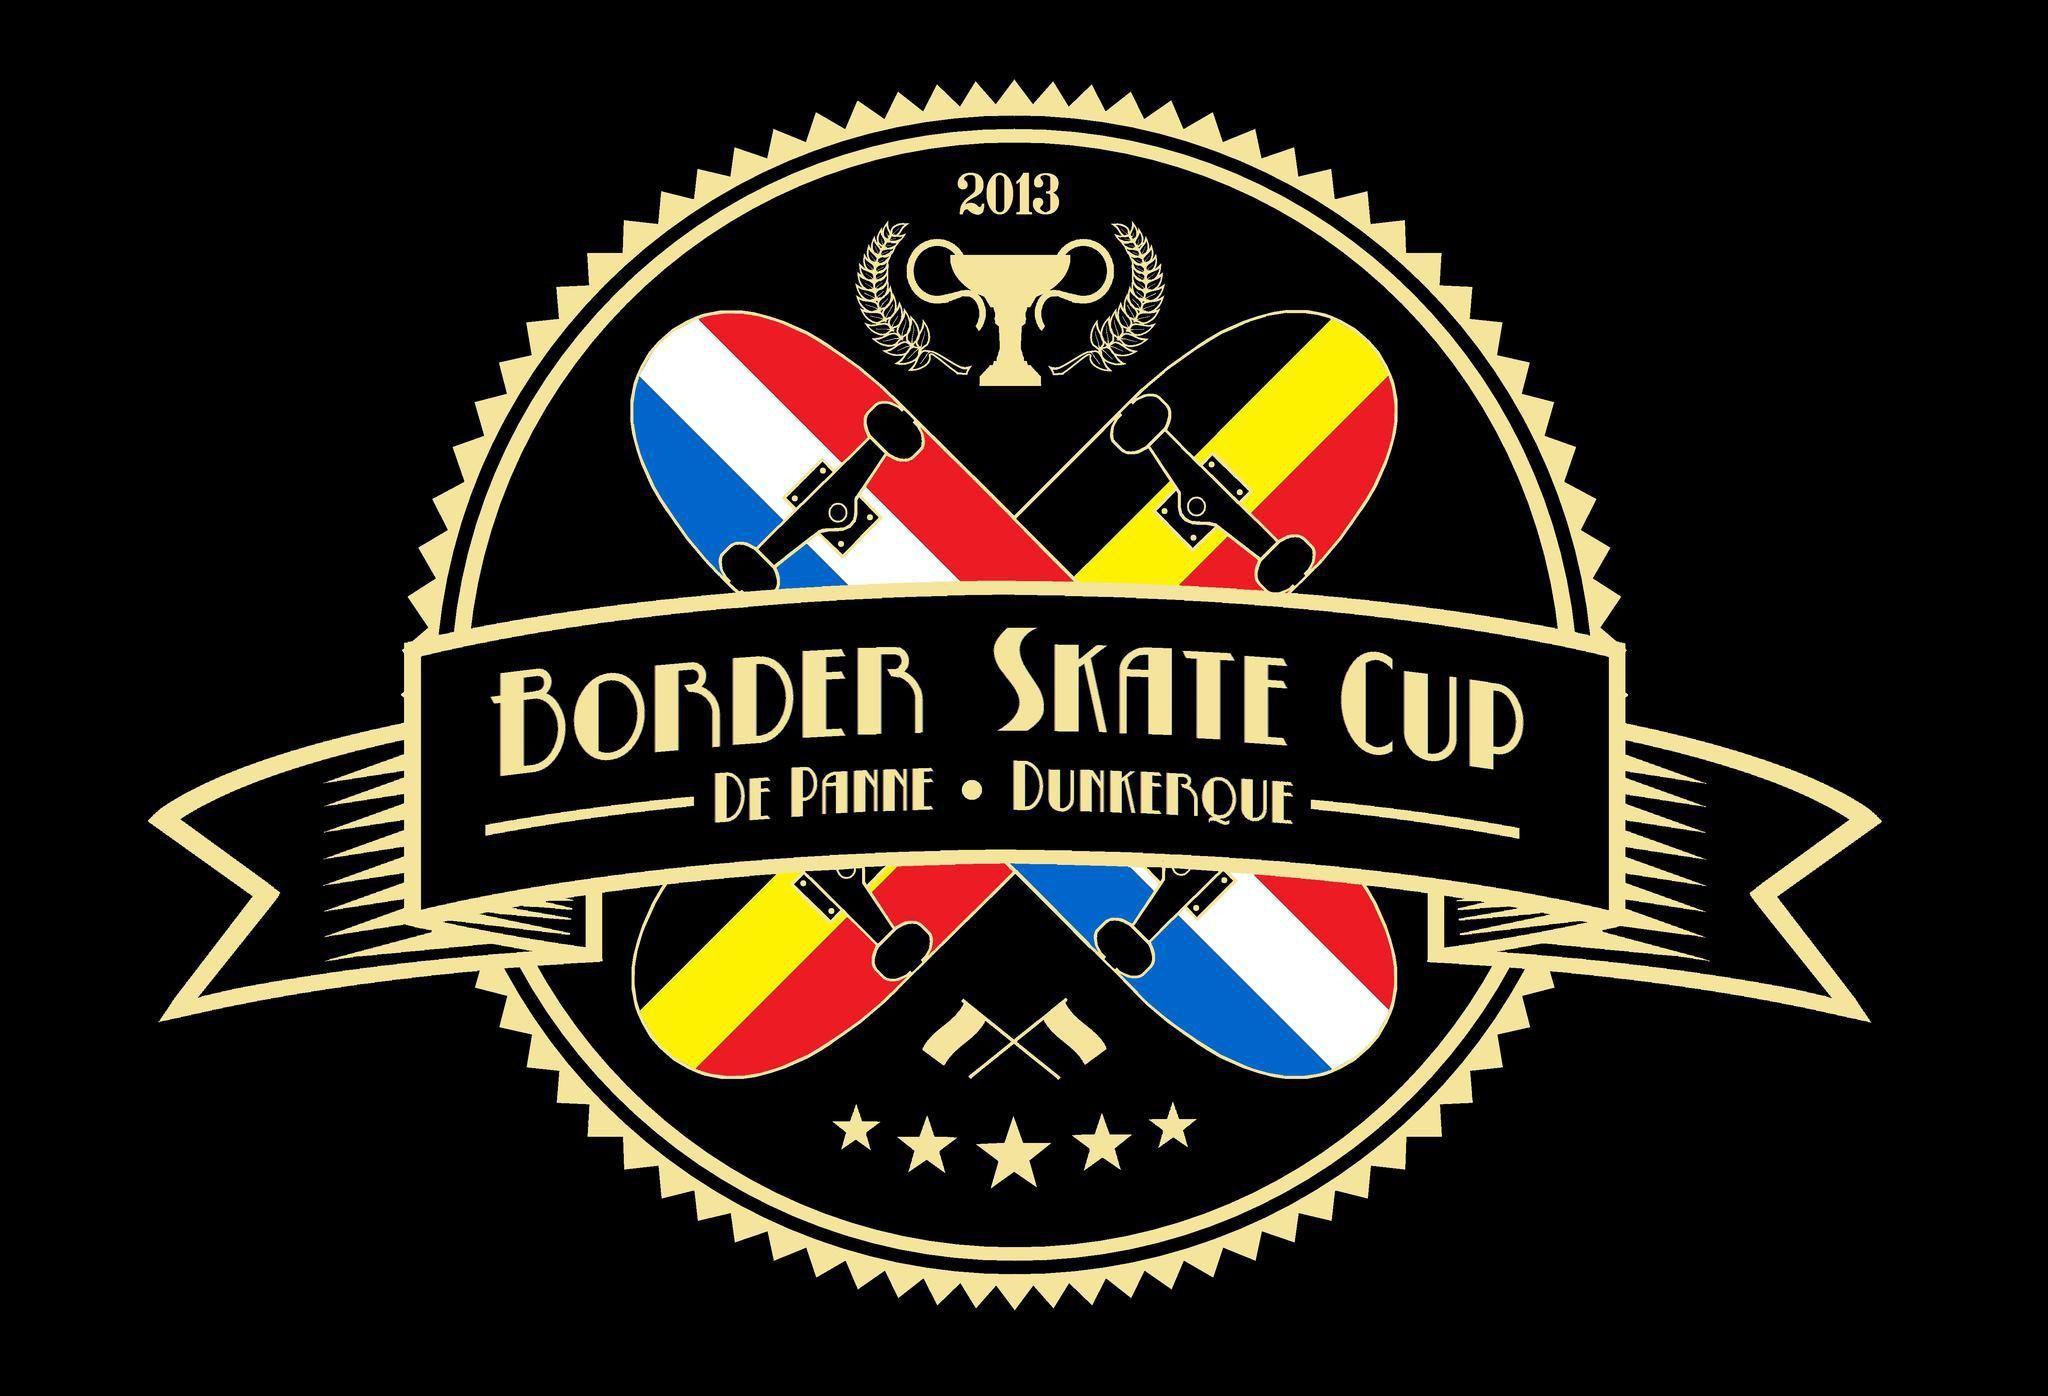 L'ASBD organise un championnat de skate, la Border Skate Cup, qui se déroulera en deux étapes.    #dunkerque #skate #interfrontalier #lapanne #jeunesse #atj13